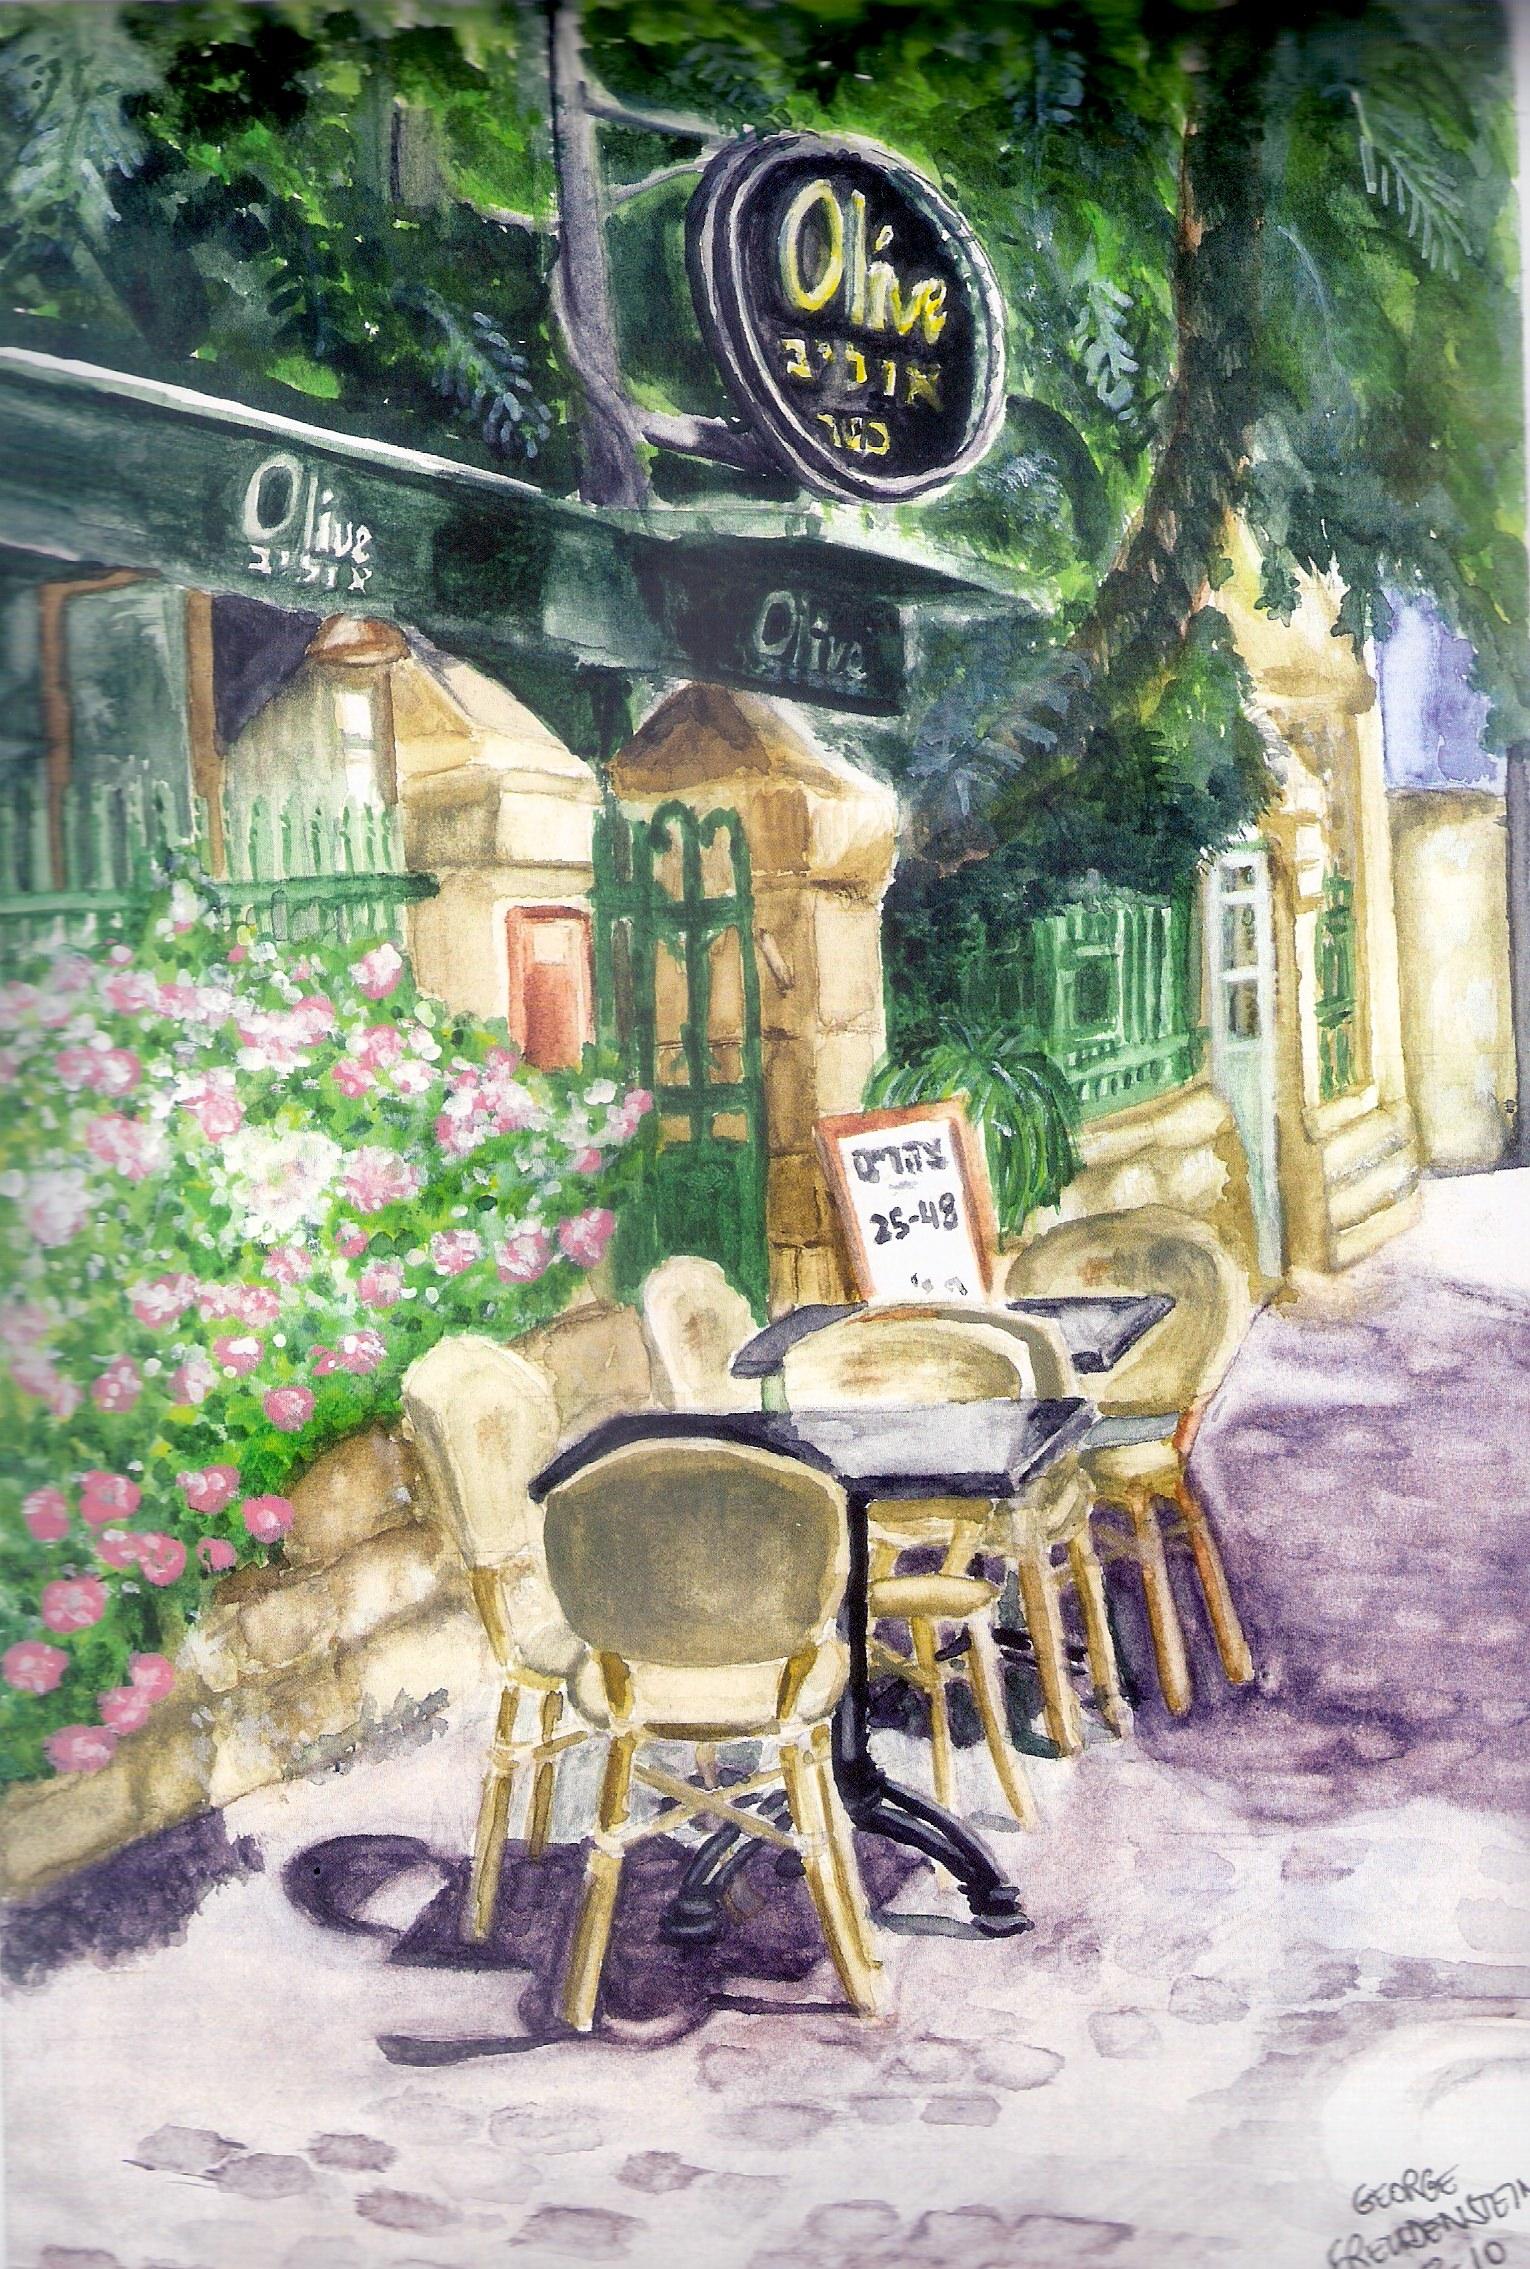 STREETSIDE AT OLIVE (Emek Refaim St., German Colony)